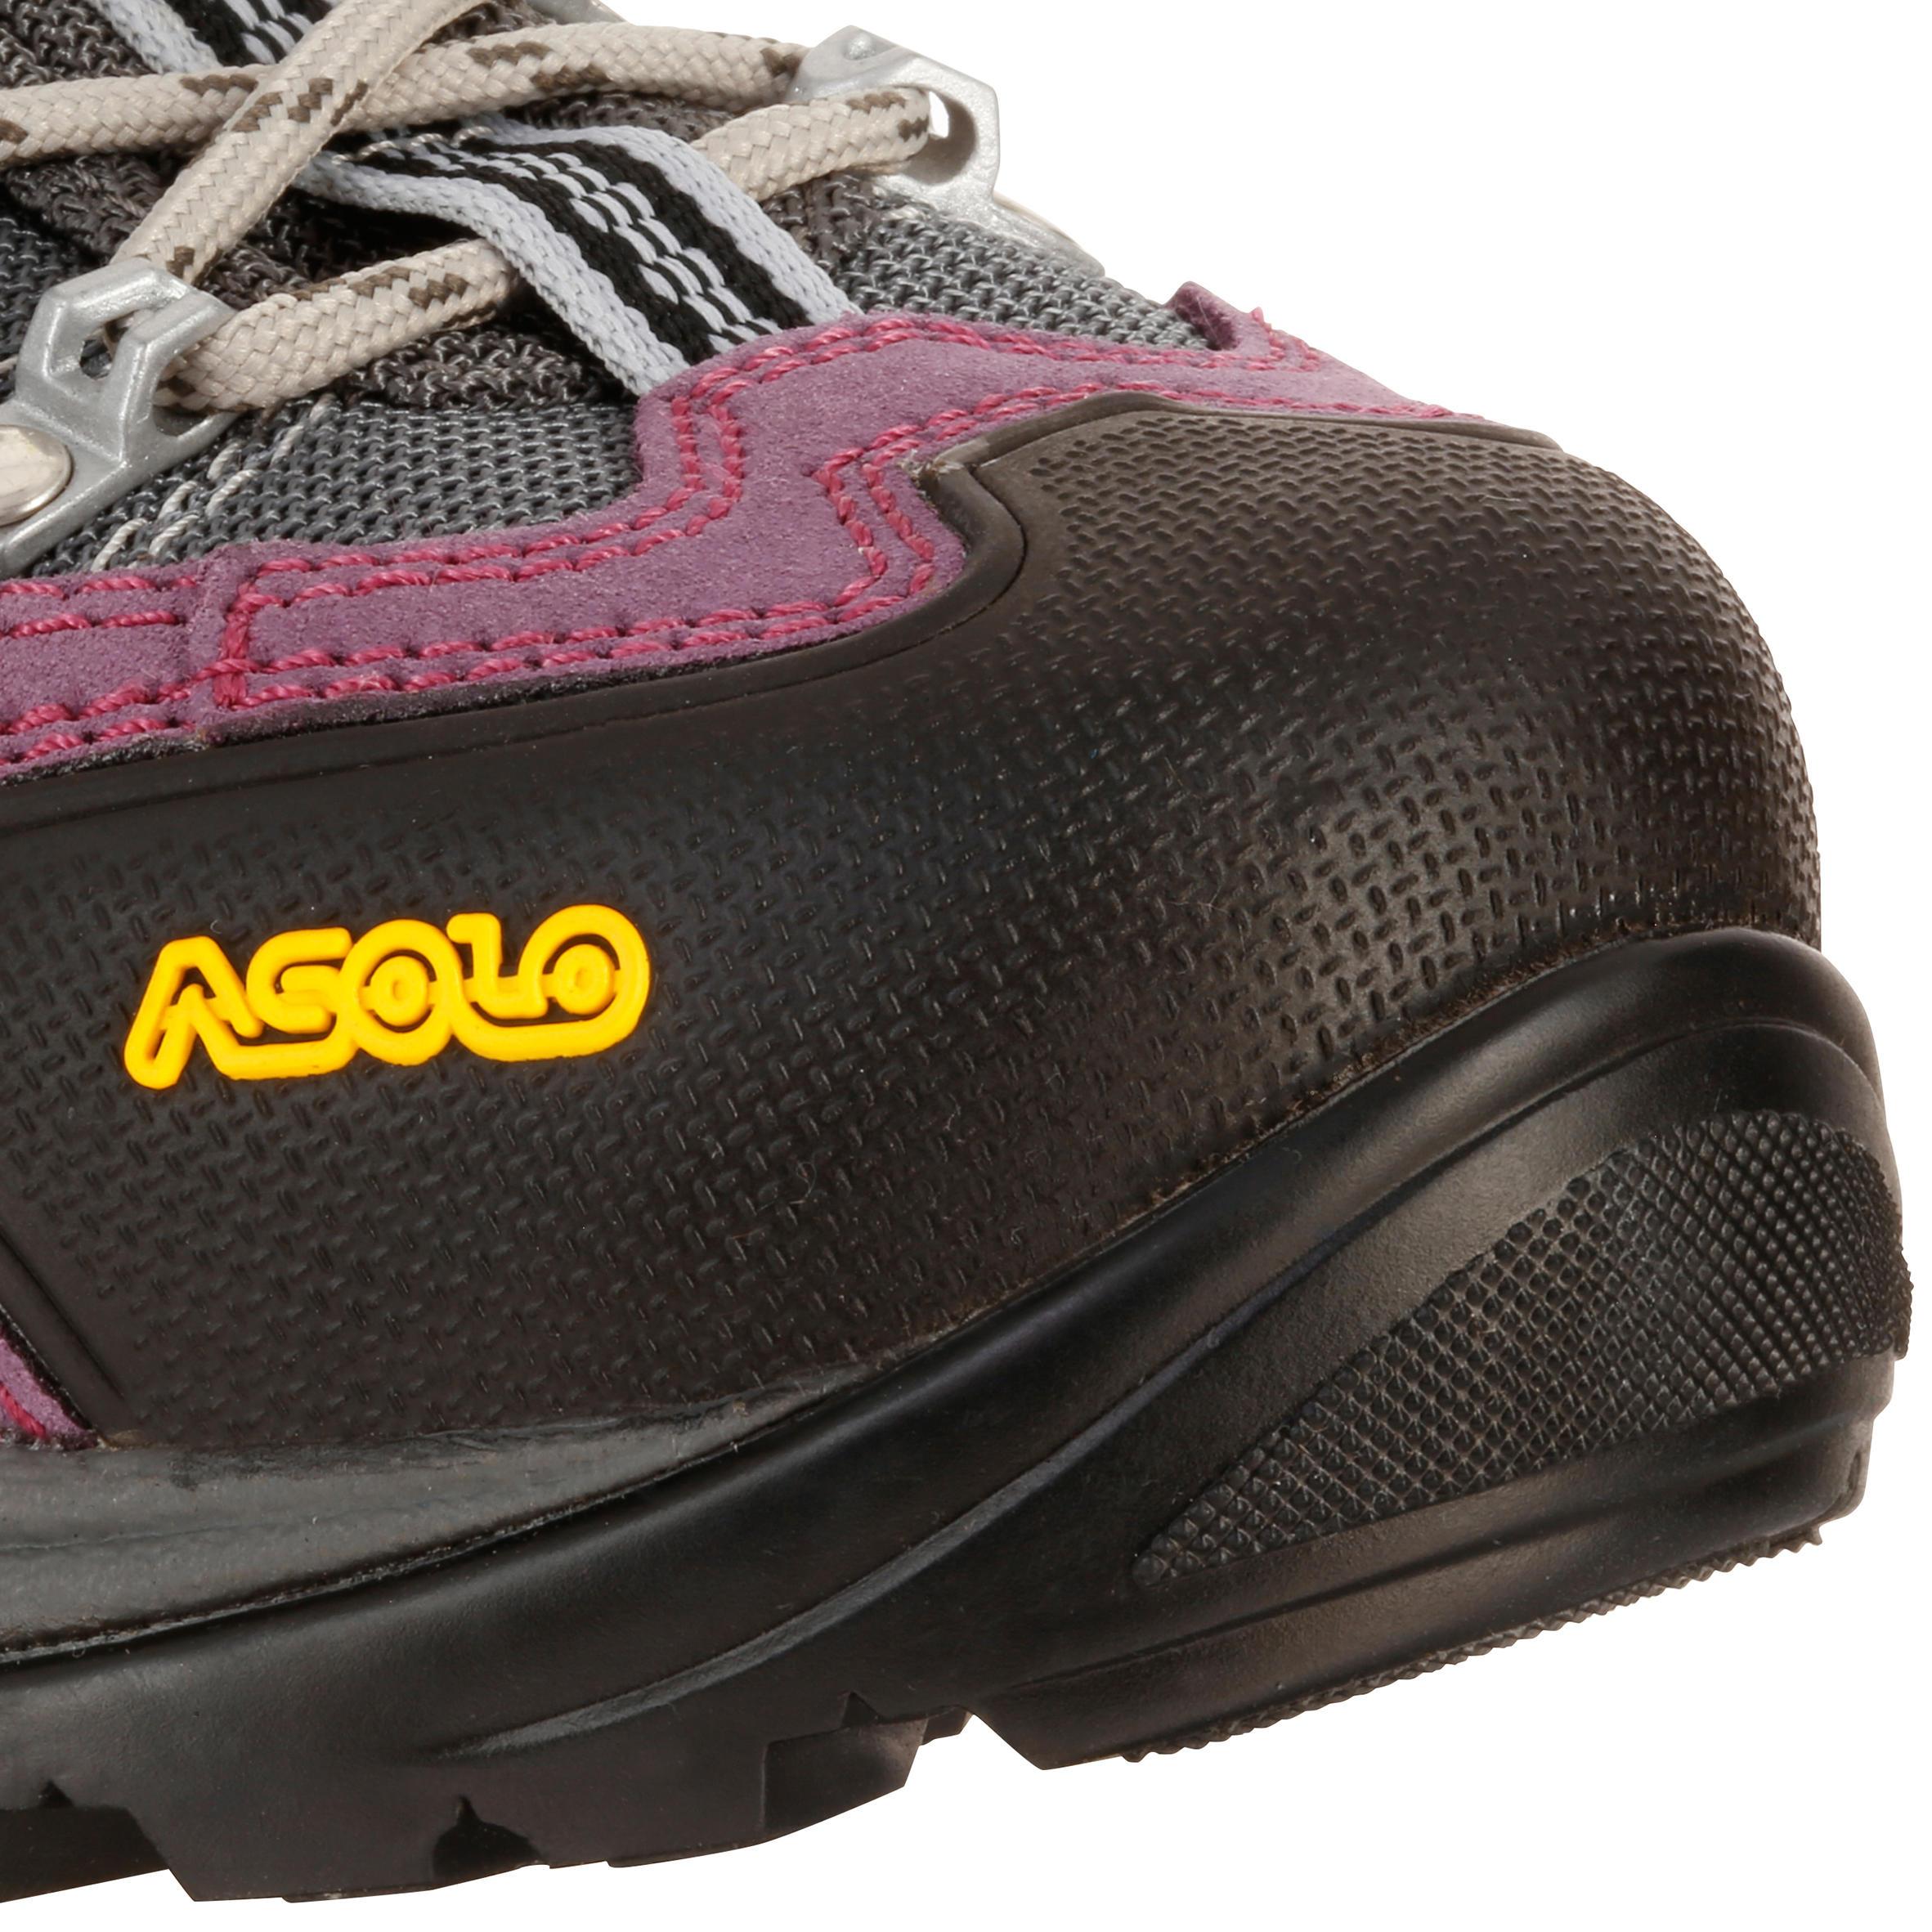 Drifter Gv Asolo Chaussure Drifter Femme Chaussure Asolo TK13JlFc